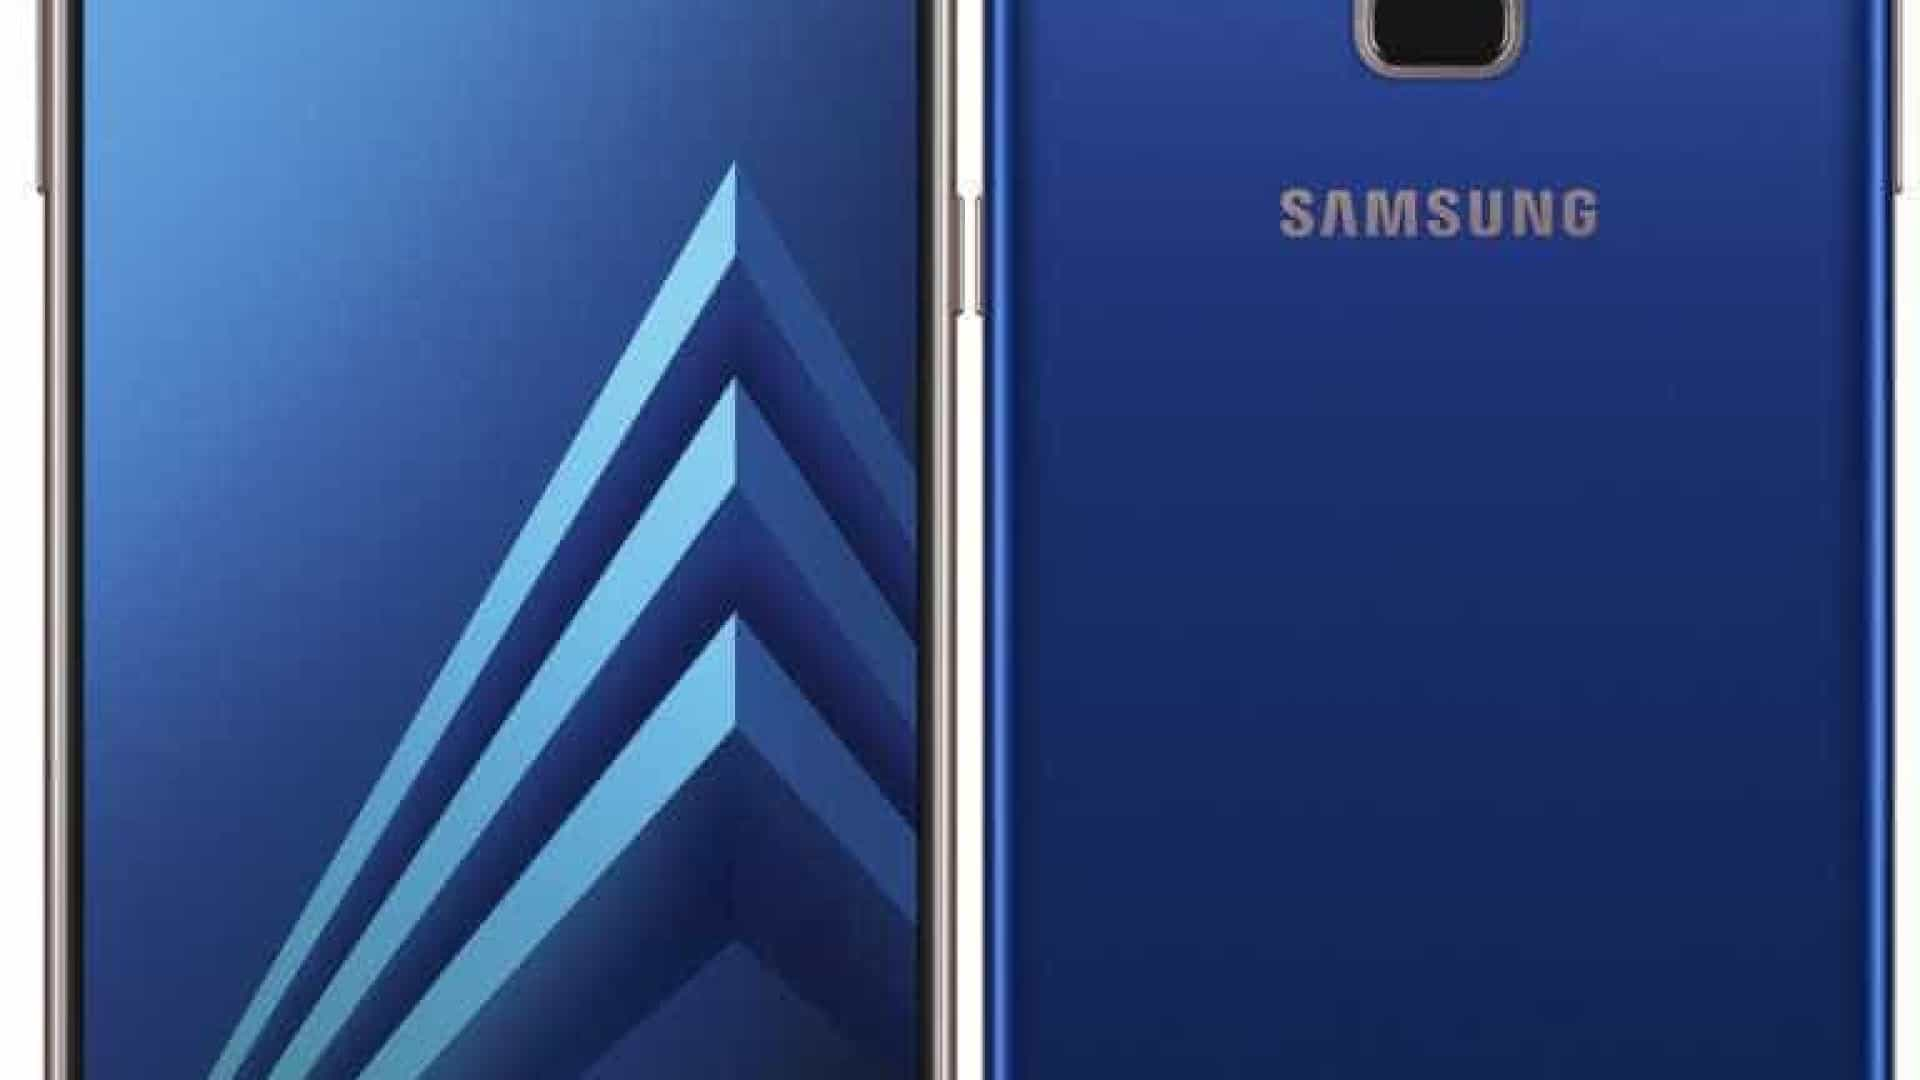 Com câmeras duplas frontais, intermediários Galaxy A8 e A8+ são apresentados